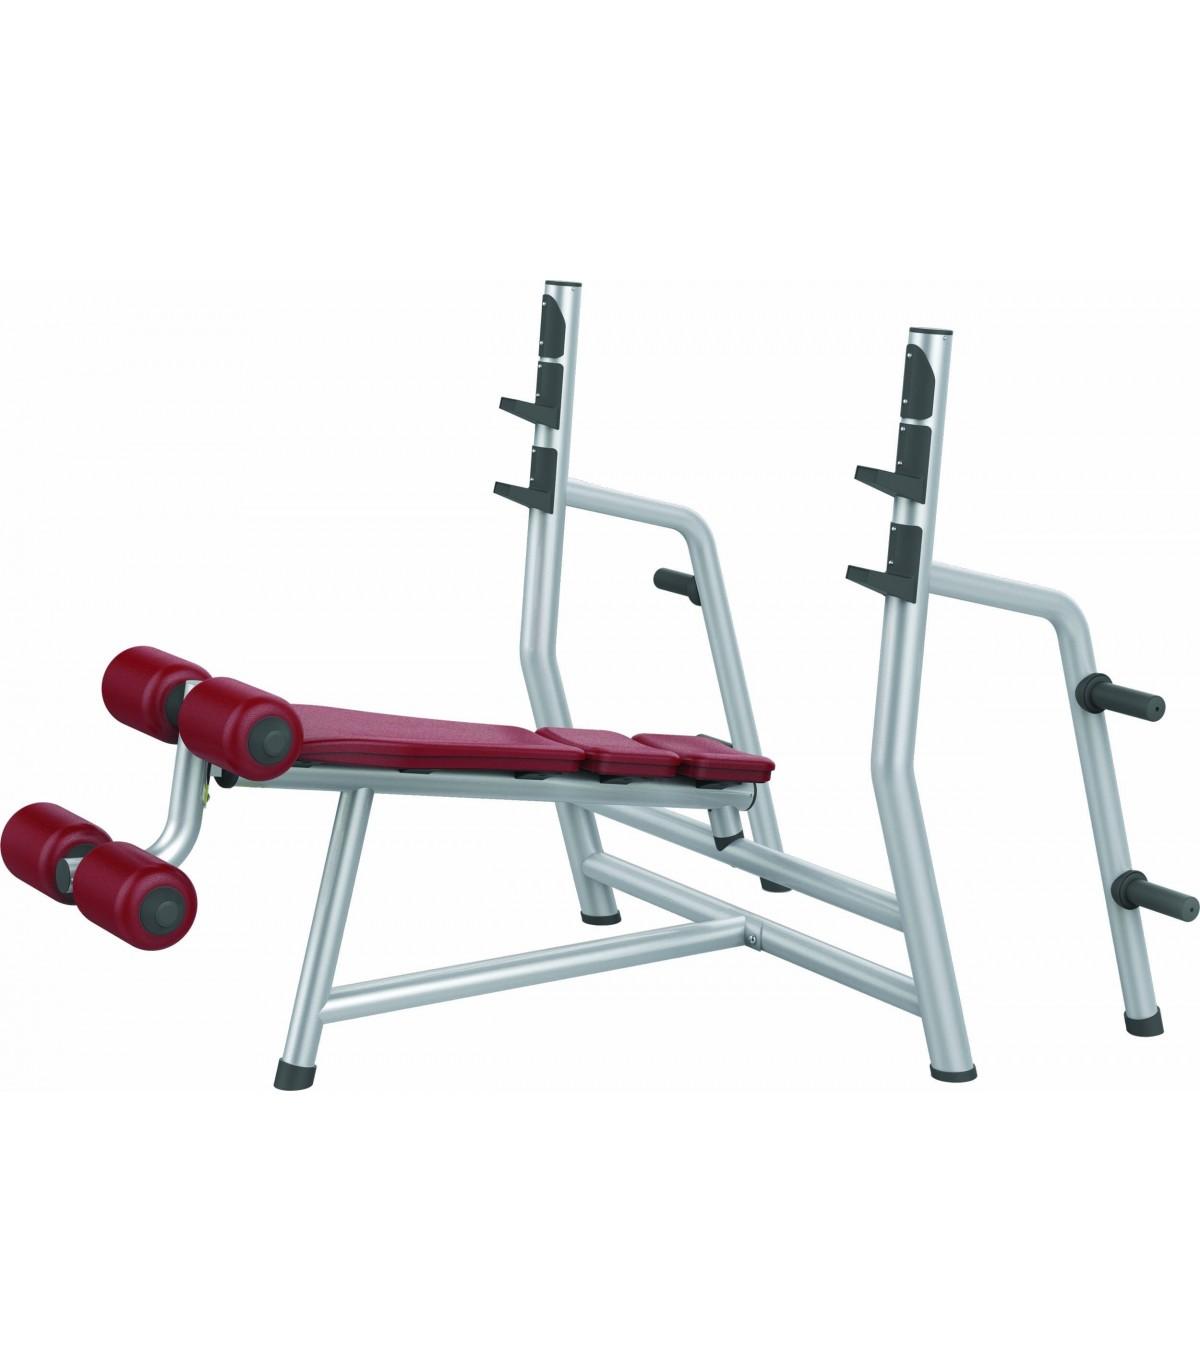 Banc De Musculation Professionnel Dvelopp Dclin CARE